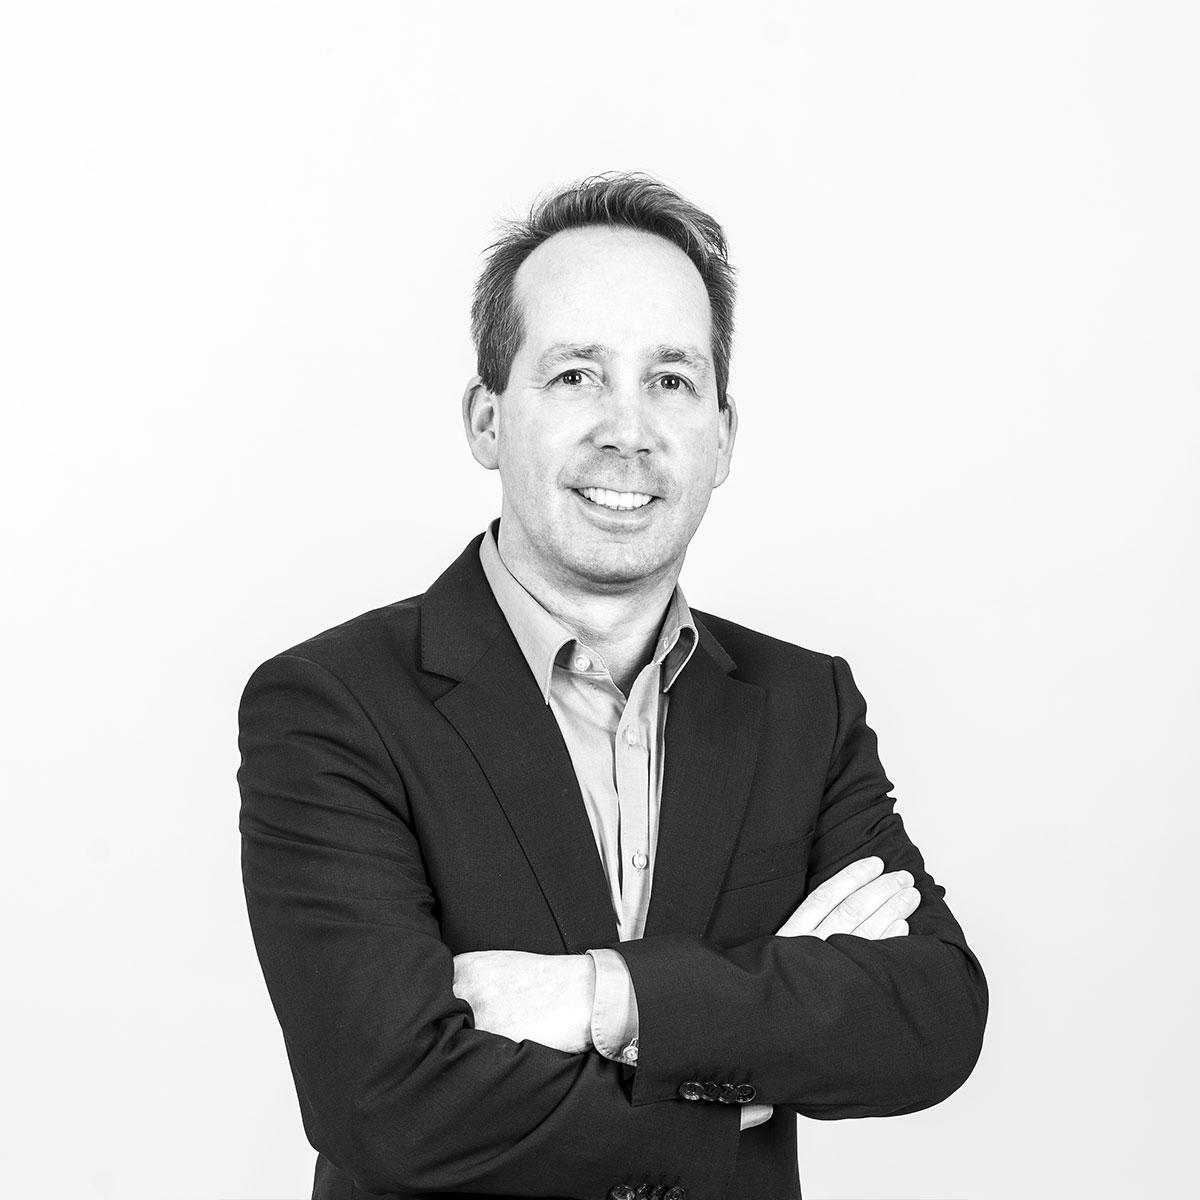 Holger Reimann